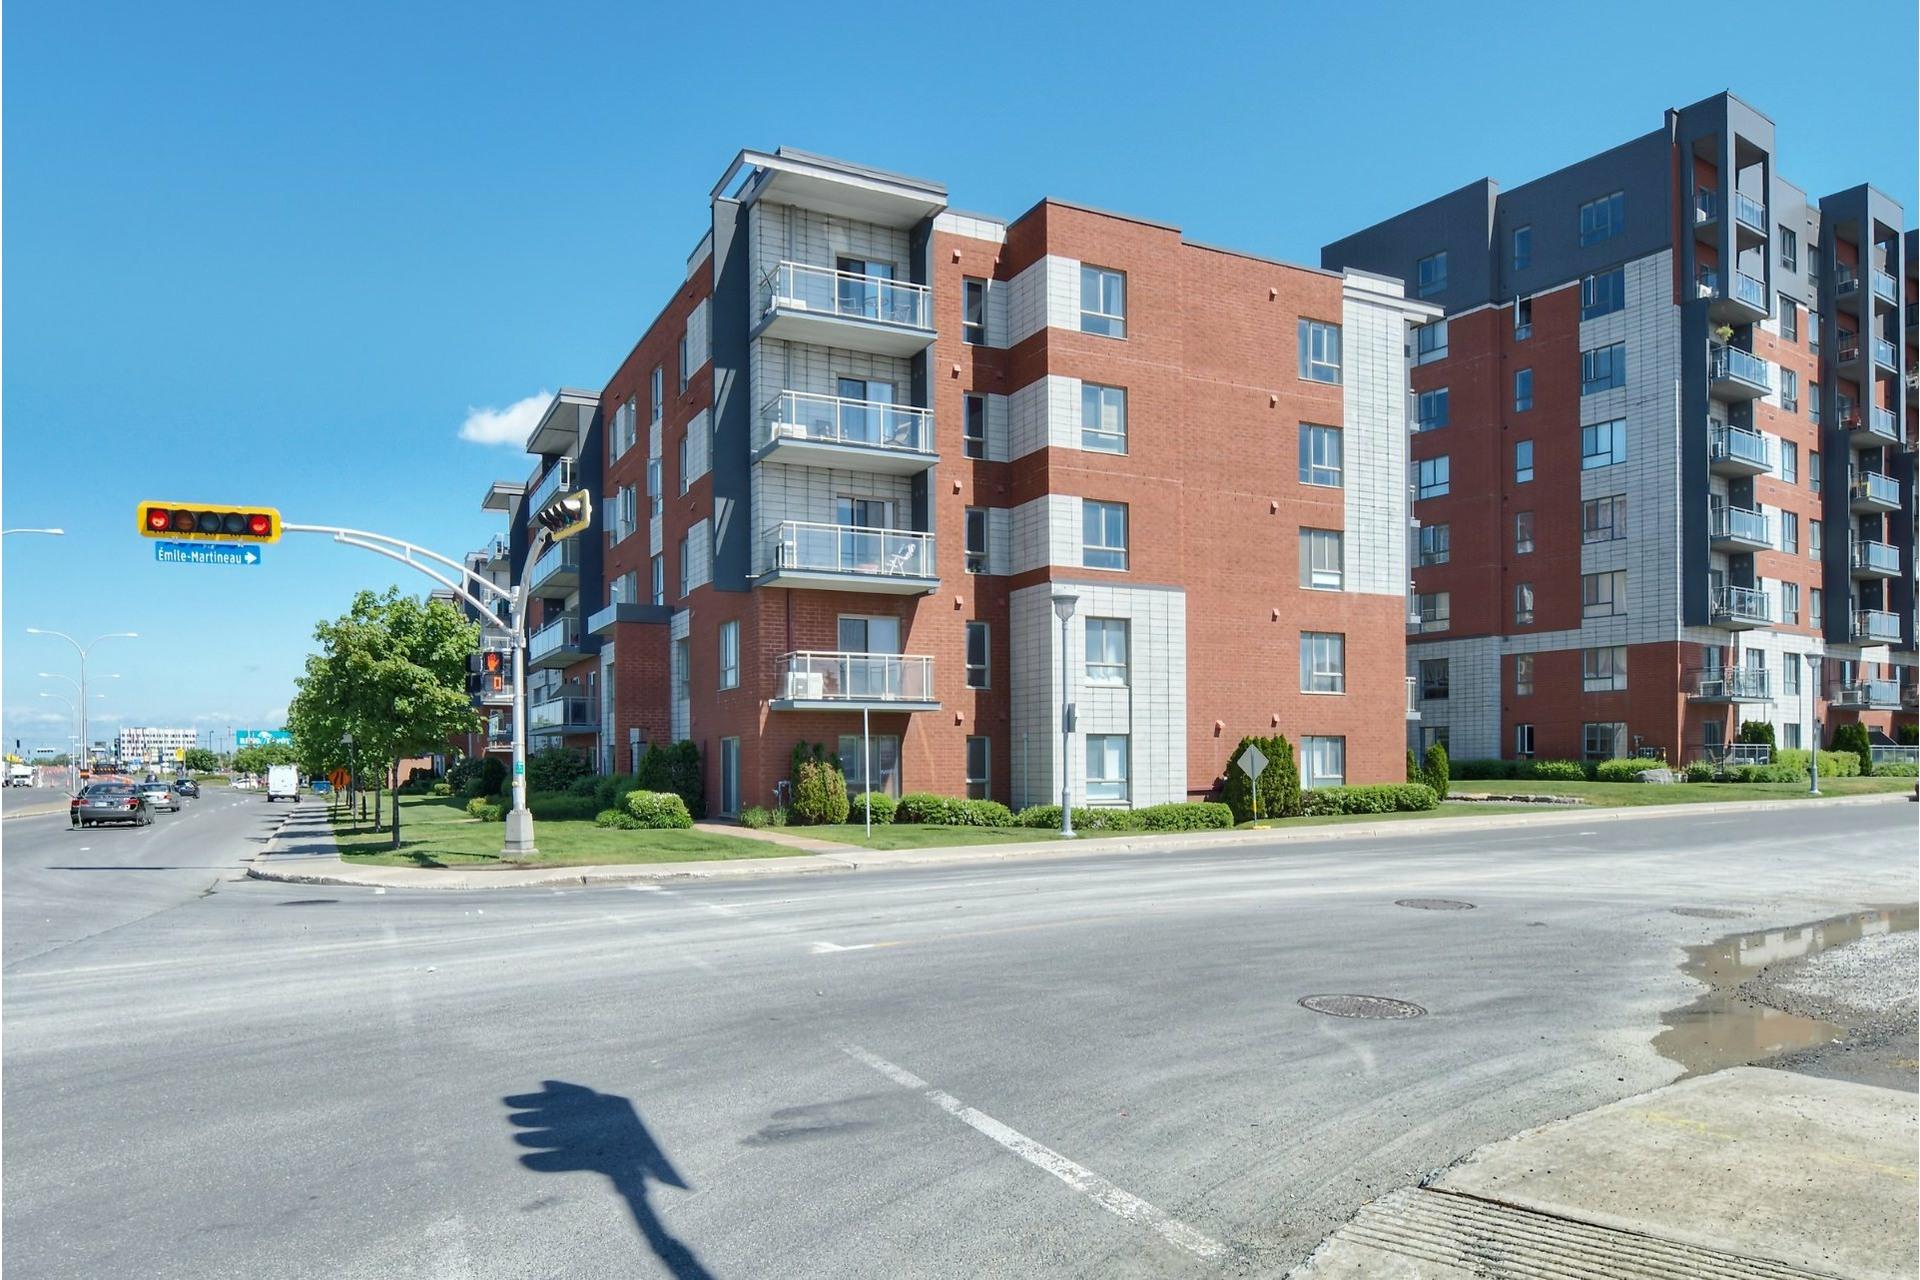 image 19 - Appartement À louer Laval-des-Rapides Laval  - 5 pièces